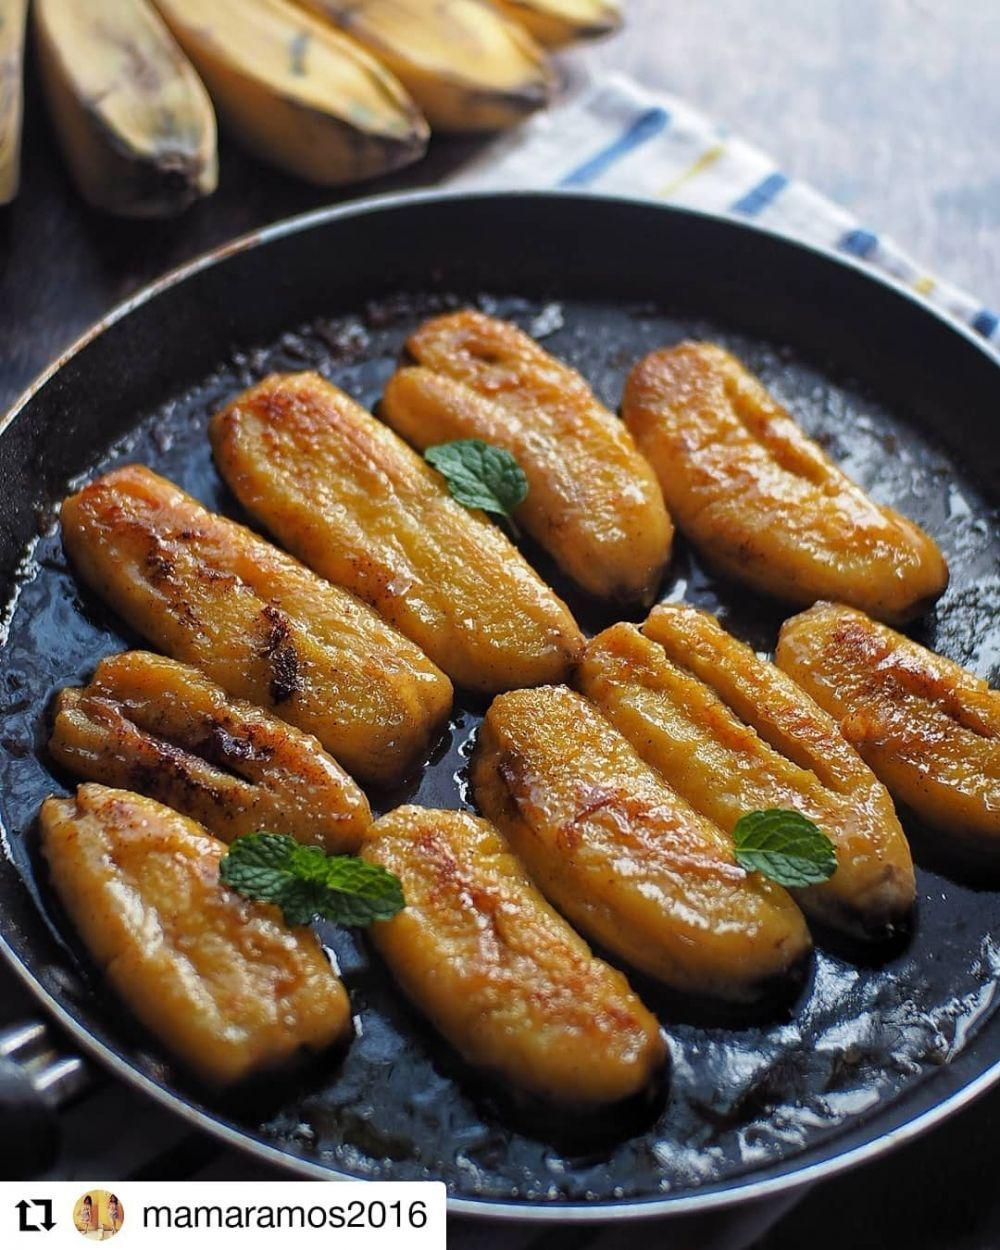 Resep Camilan Dari Pisang Istimewa Makanan Ringan Gurih Resep Makanan Ringan Sehat